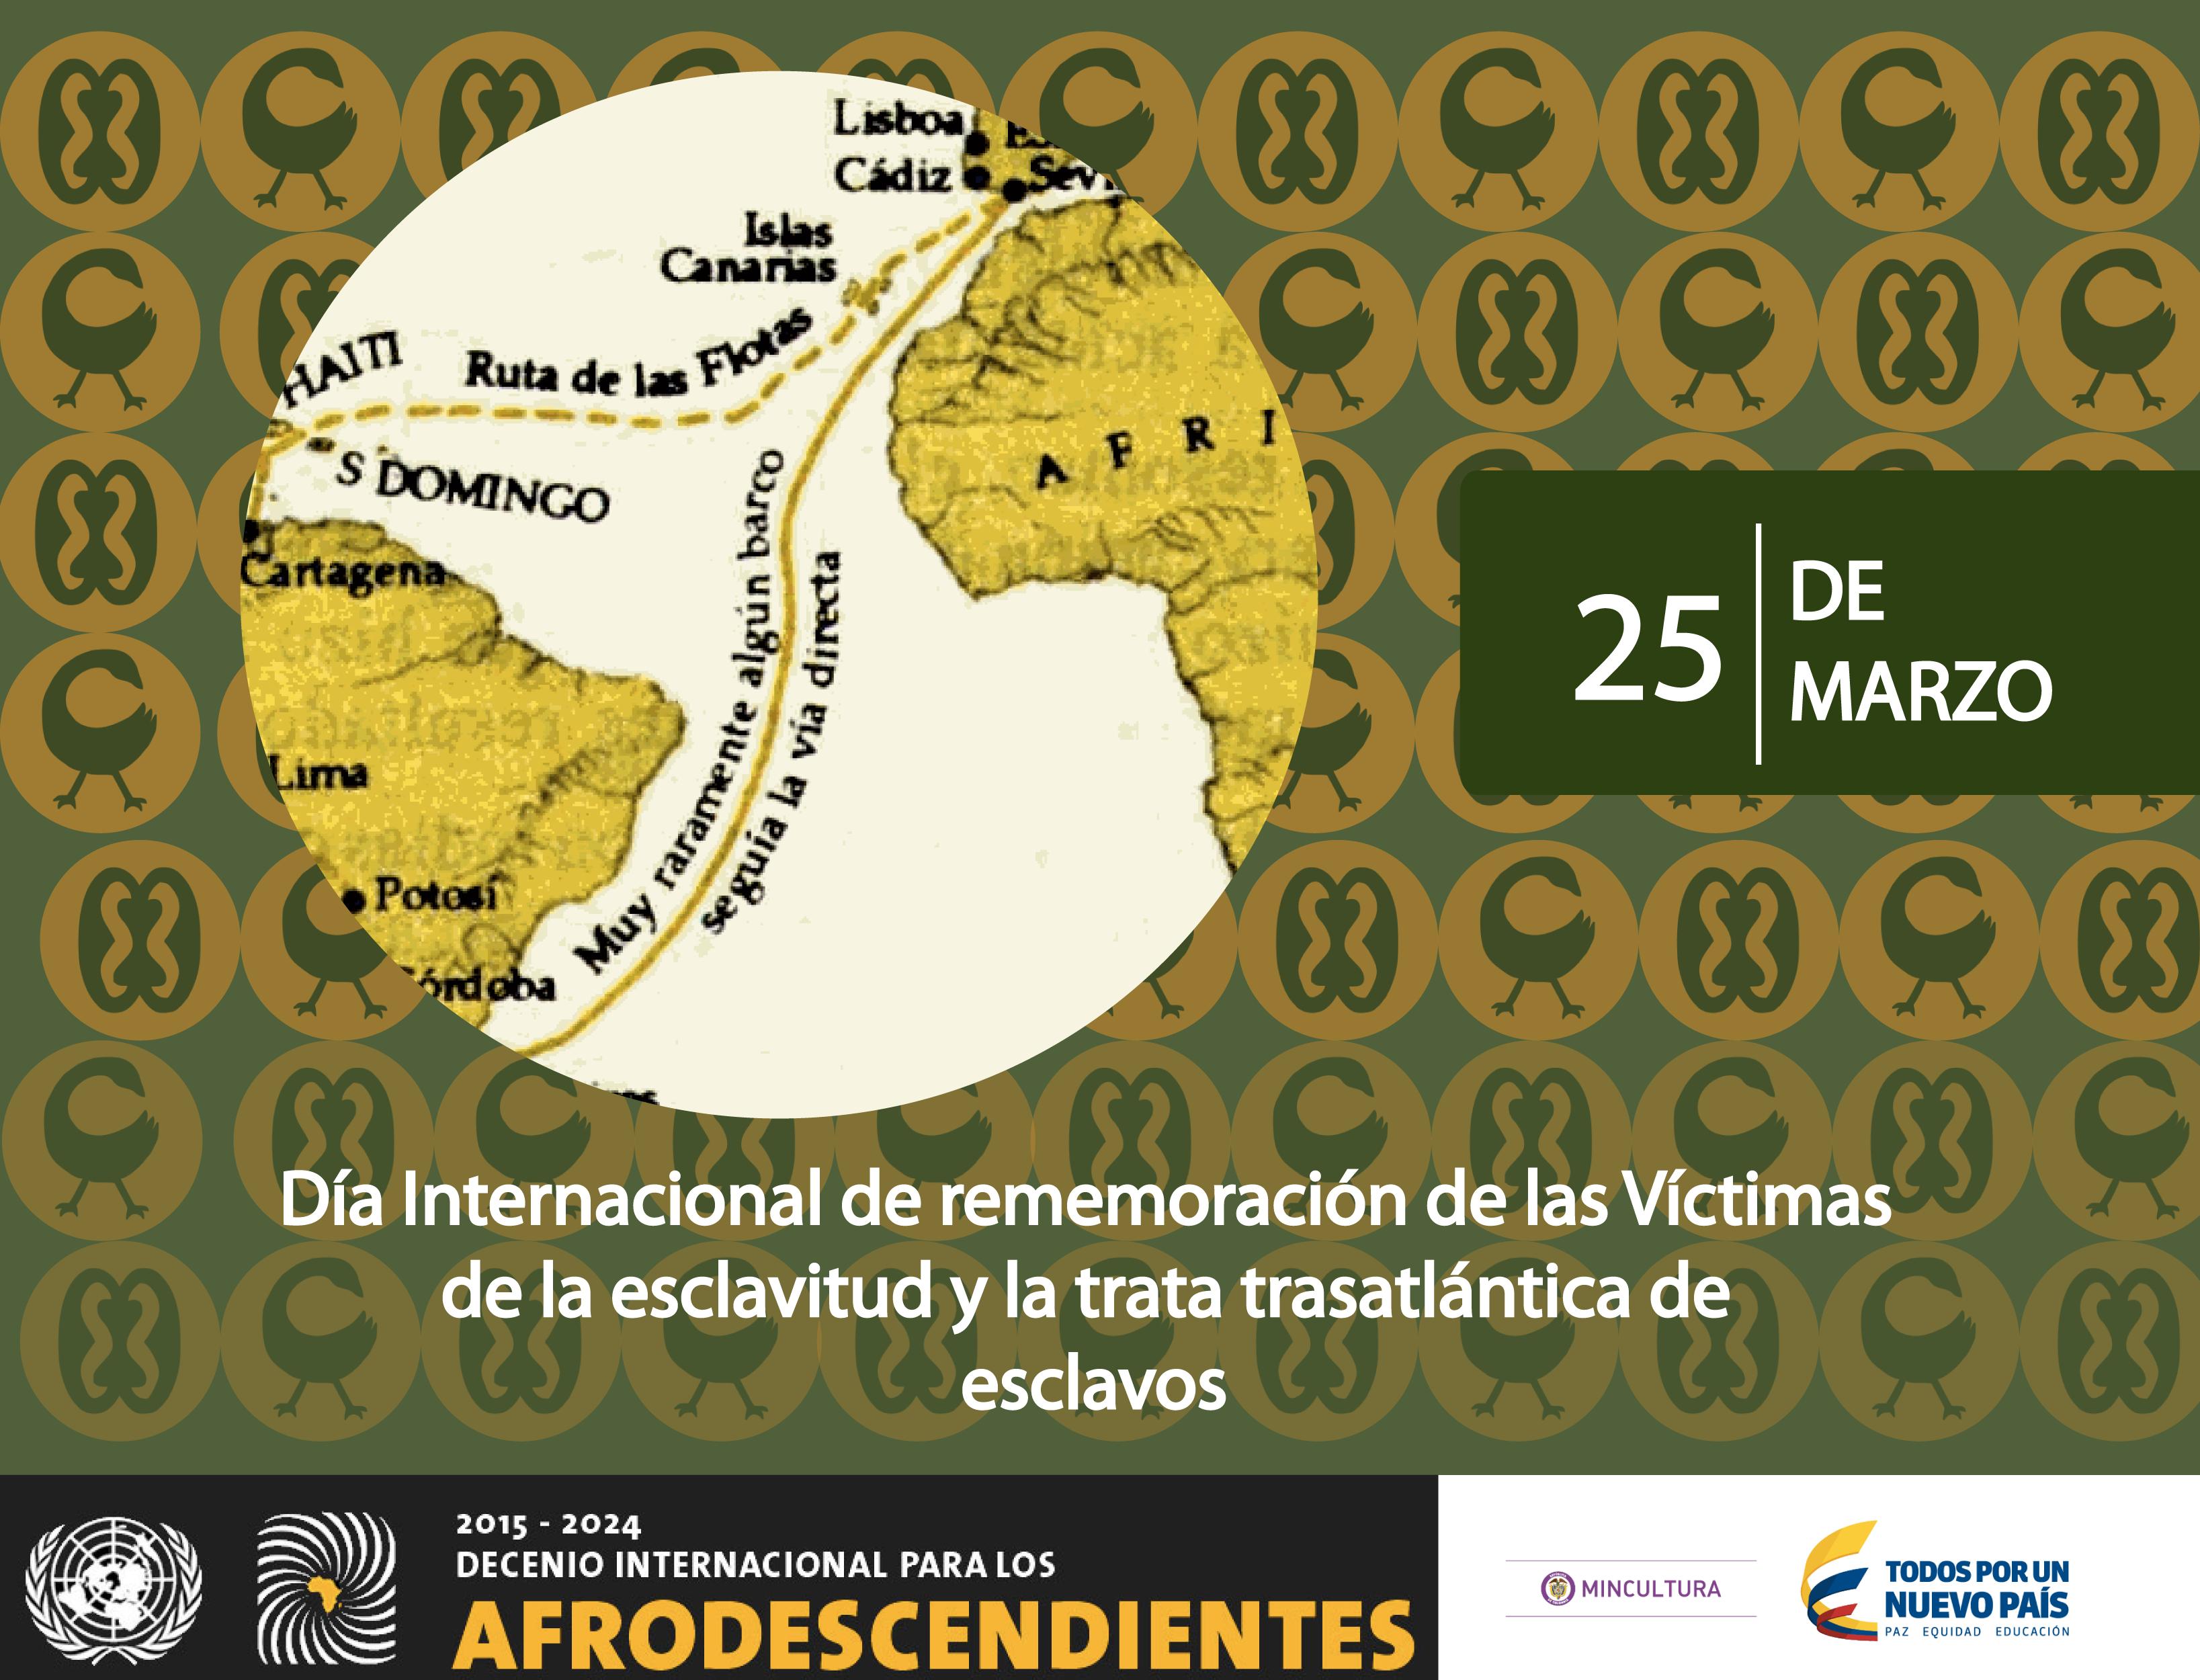 Resultado de imagen de Día Internacional de Recuerdo de las Víctimas de la Esclavitud y la Trata Transatlántica de Esclavos (25 de Marzo)